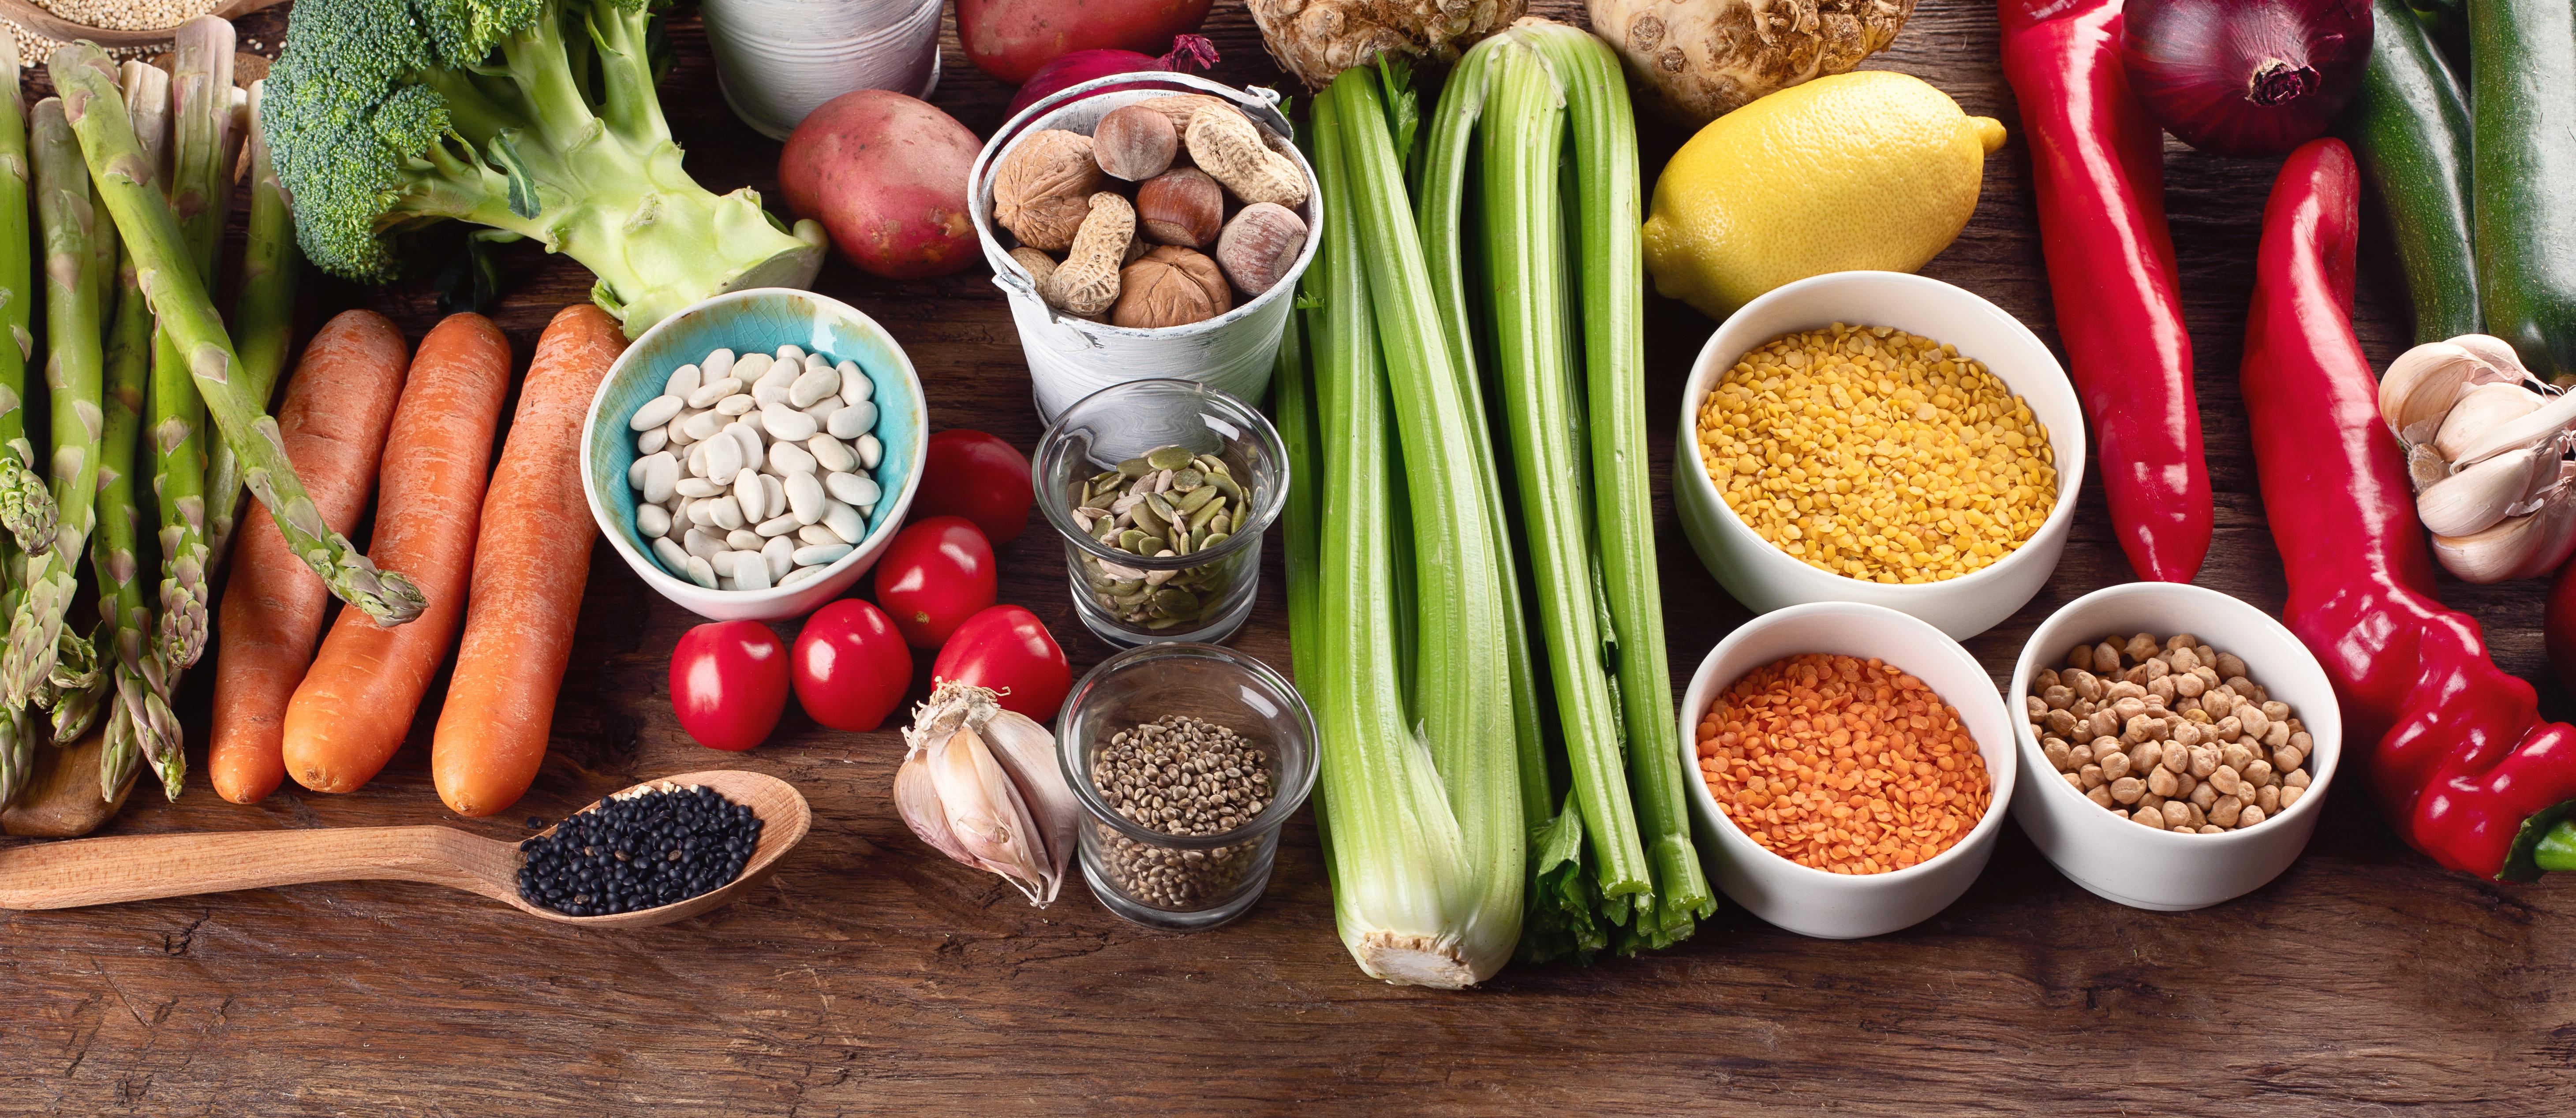 Imagem de alguns alimentos saudáveis para remeter ao texto que mostra como abrir uma loja de alimentos funcionais